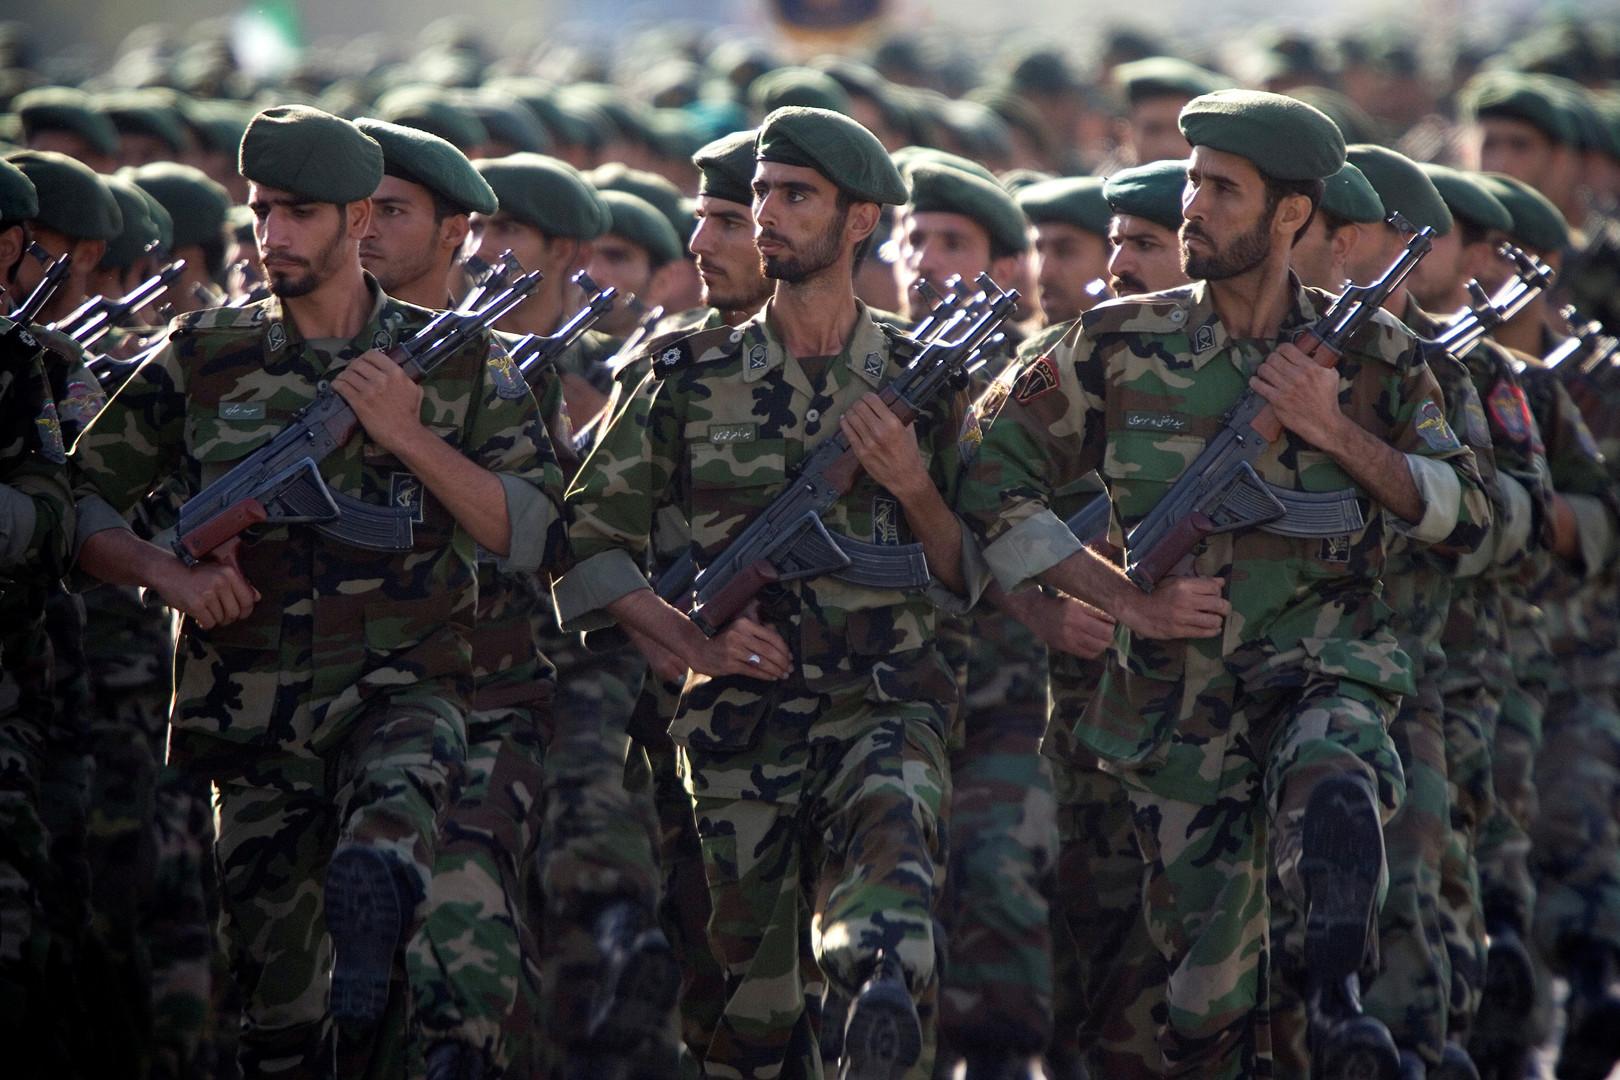 صحيفة أمريكية: الحرس الثوري الإيراني عثر على مصادر تمويل جديدة